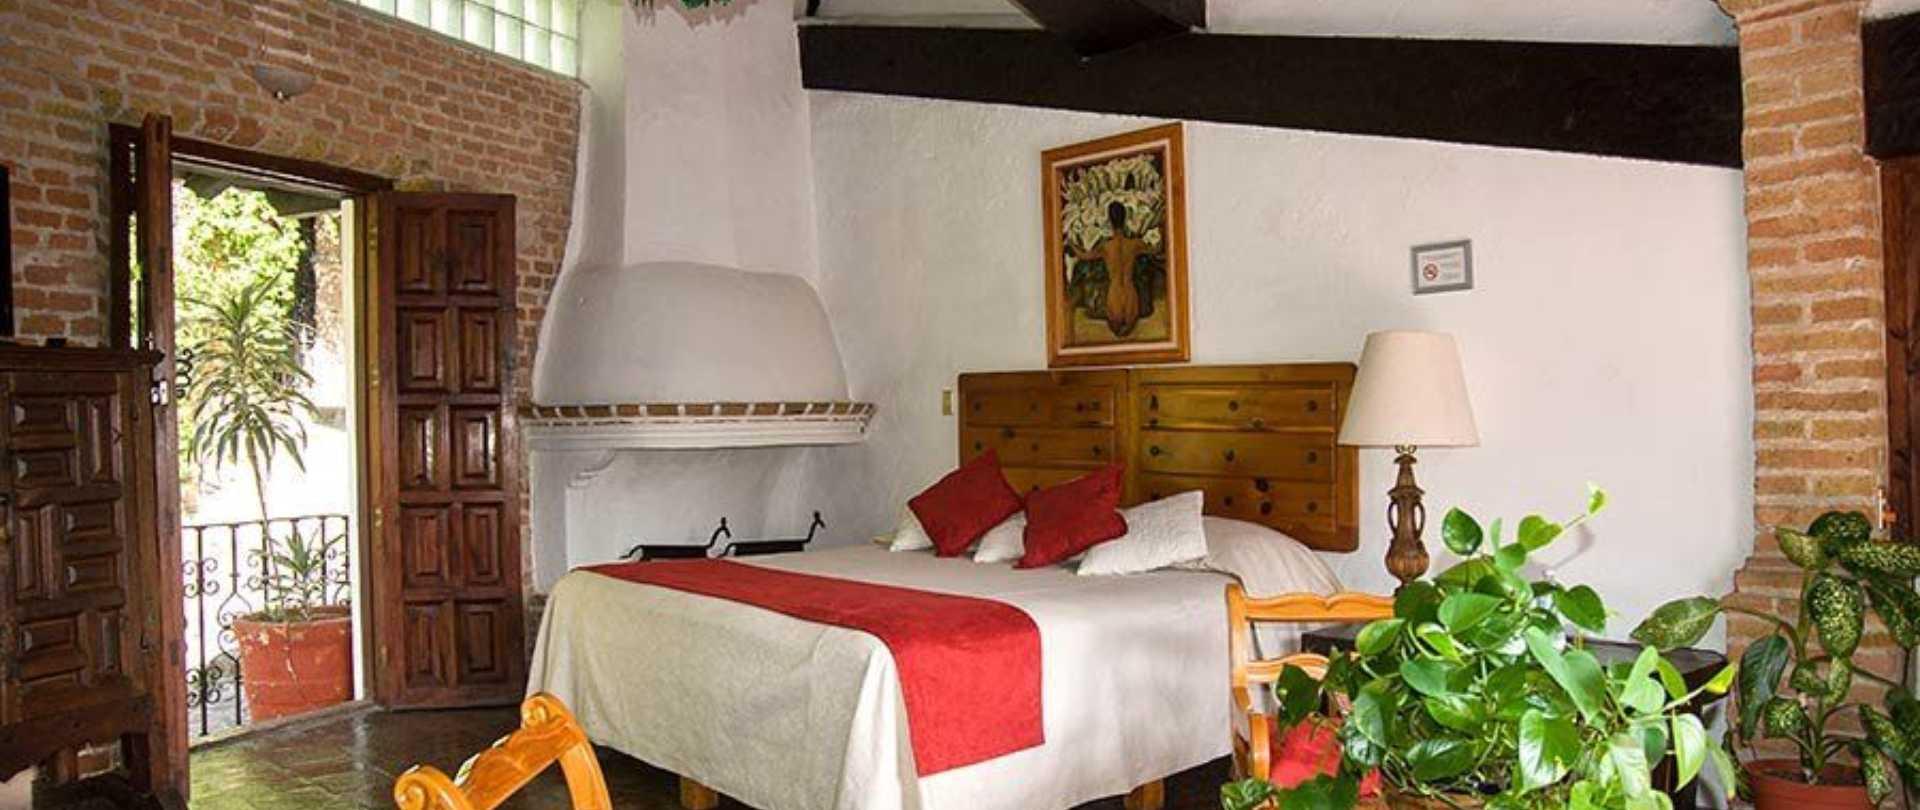 Donde dormir en Taxco